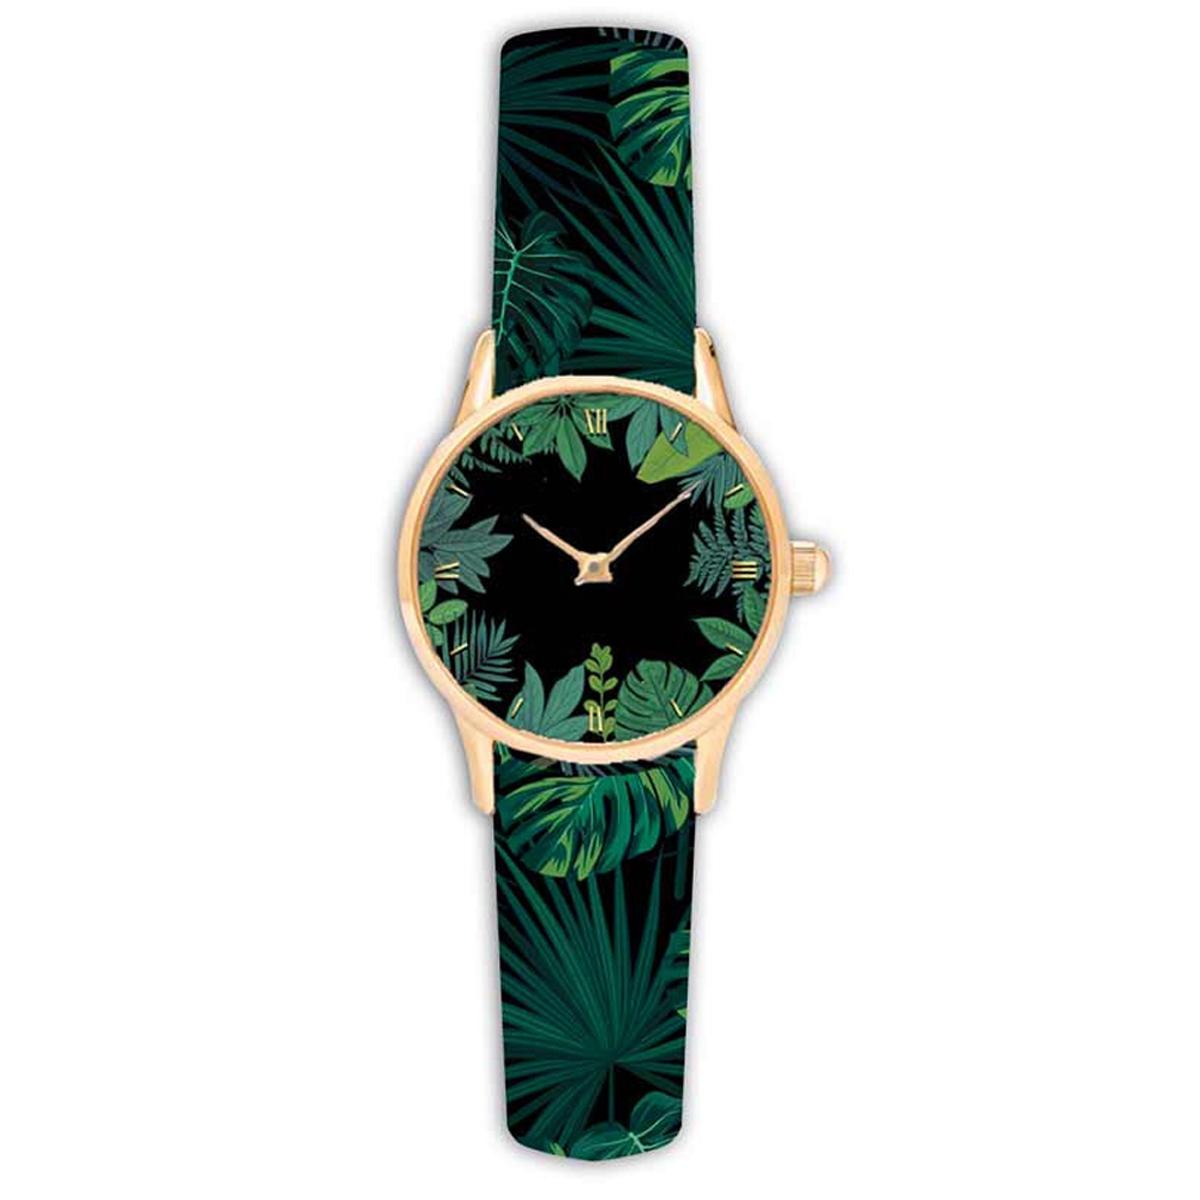 Montre créateur \'Jungle\' vert noir - 38 cm - [Q9009]